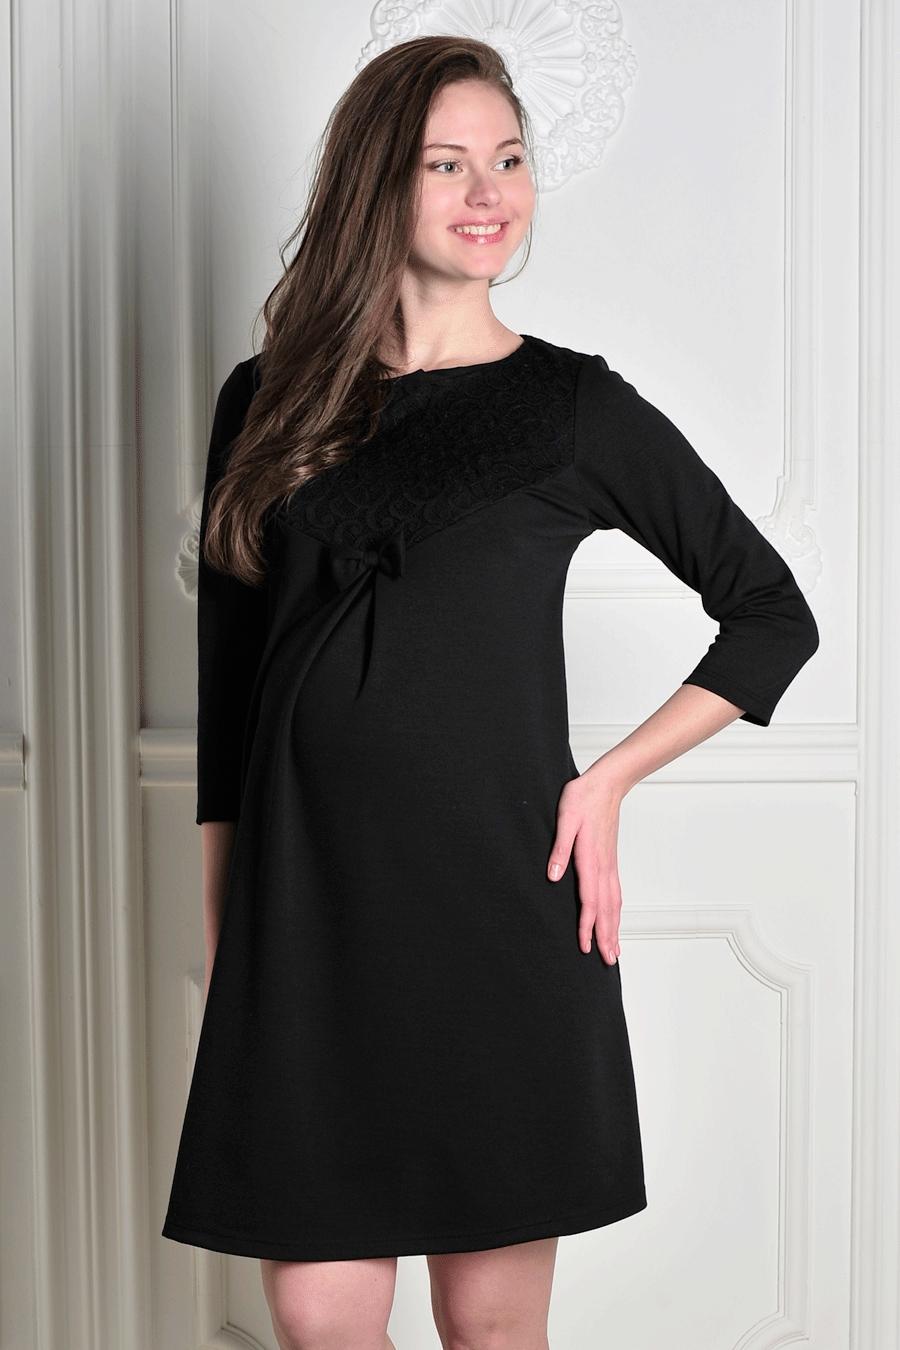 ПлатьеПлатья для будущих мам<br>Однотоннон платье с рукавами 3/4. Модель выполнена из приятного трикотажа. Отличный выбор для повседневного гардероба. Ростовка изделия 170-176 см.  За счет свободного кроя и эластичного материала изделие можно носить во время беременности  Цвет: черный  Рост девушки-фотомодели 170 см<br><br>Горловина: С- горловина<br>По длине: До колена<br>По материалу: Трикотаж,Гипюр<br>По рисунку: Однотонные<br>По силуэту: Полуприталенные<br>По стилю: Нарядный стиль,Повседневный стиль<br>По элементам: С декором,Со складками<br>Рукав: Рукав три четверти<br>По сезону: Осень,Весна,Зима<br>Размер : 44,46,48<br>Материал: Джерси + Гипюр<br>Количество в наличии: 3